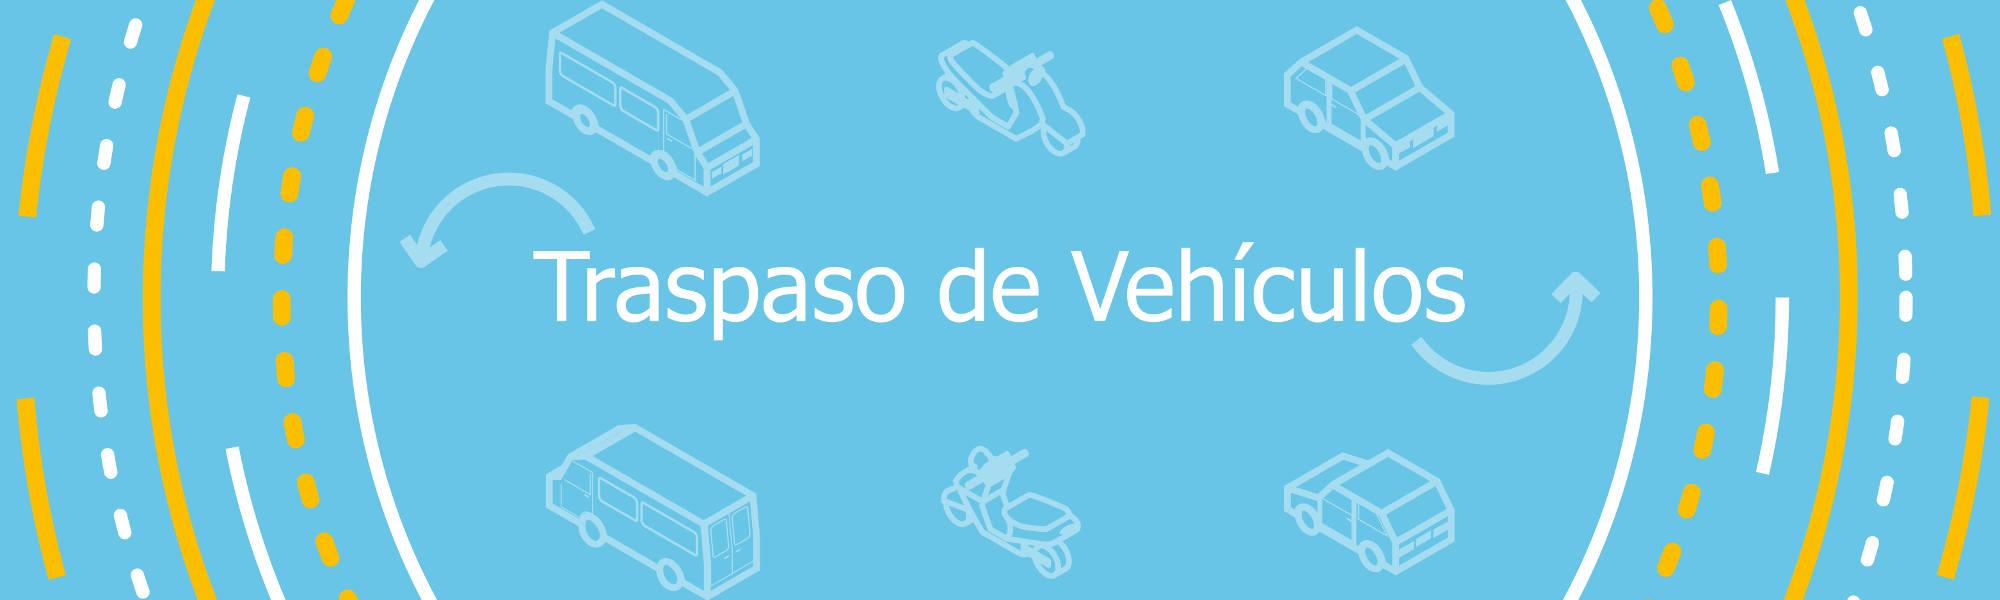 Traspasos de vehículos en Tenerife